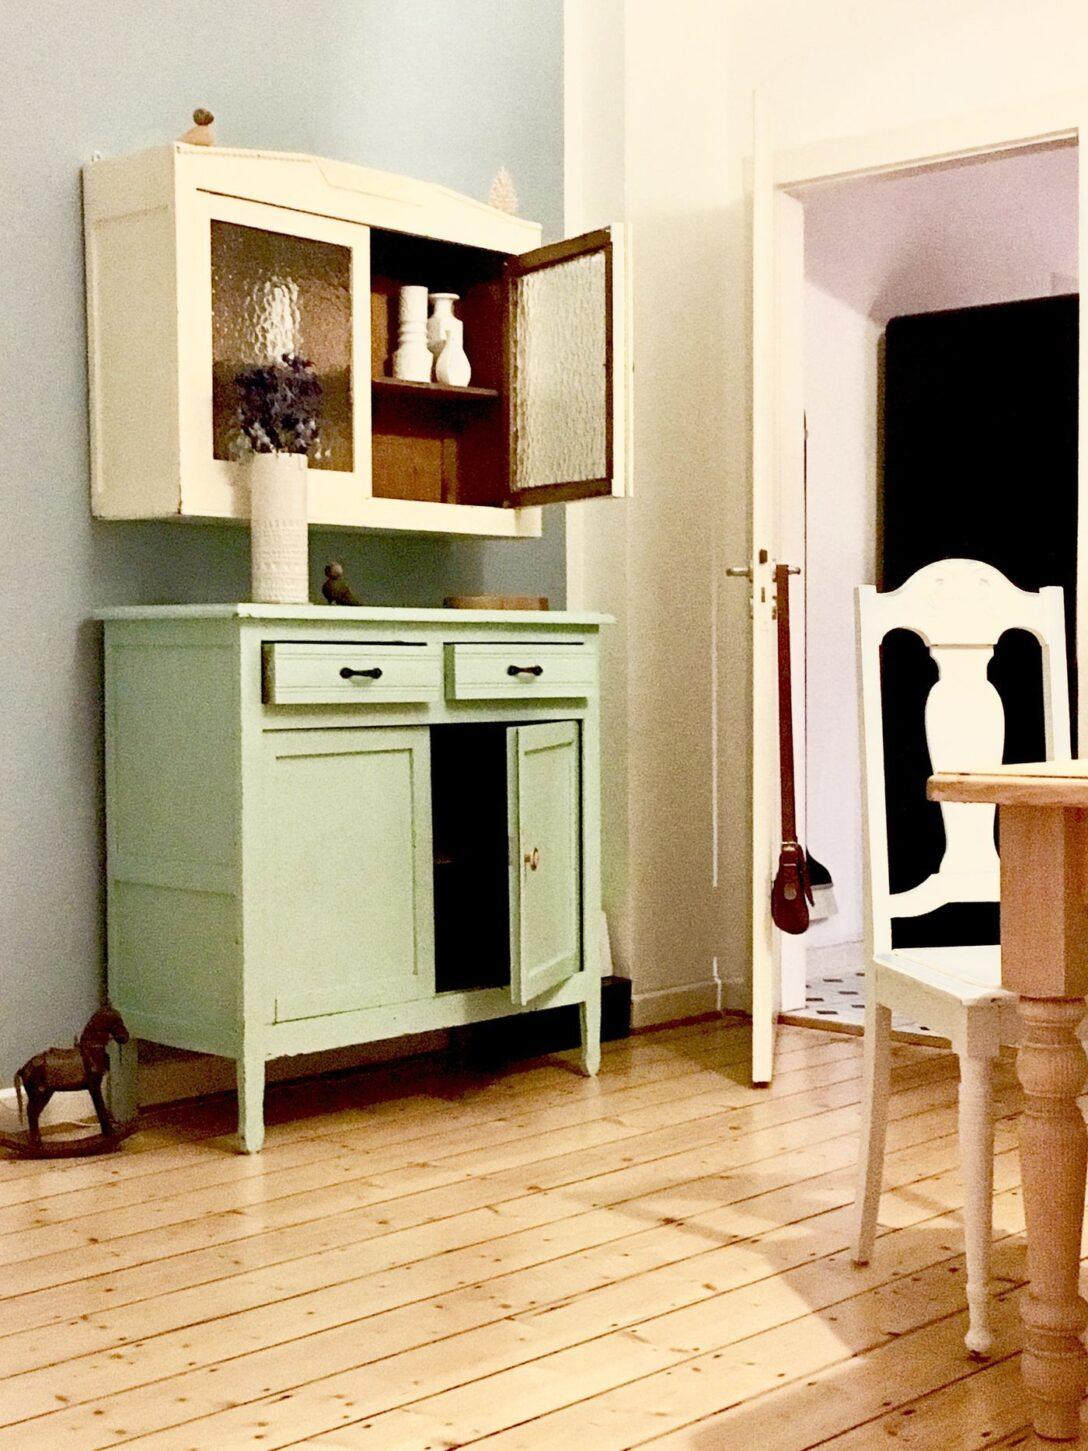 Large Size of Küche Einrichten Ideen Kleine Kuche Shabby Chic Caseconradcom Planen L Mit Elektrogeräten Eckküche Hängeschränke Deckenleuchte Ikea Kosten Eckbank Wohnzimmer Küche Einrichten Ideen